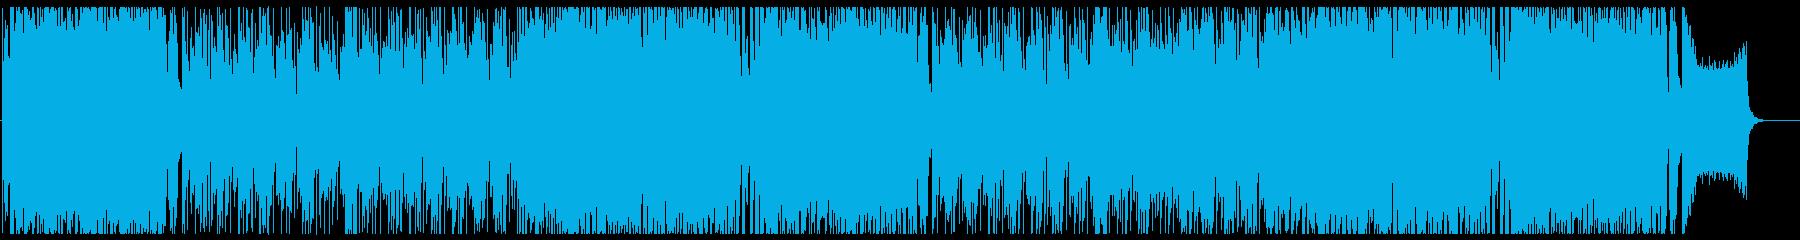 可愛らしいアニソン系ポップス フル歌の再生済みの波形